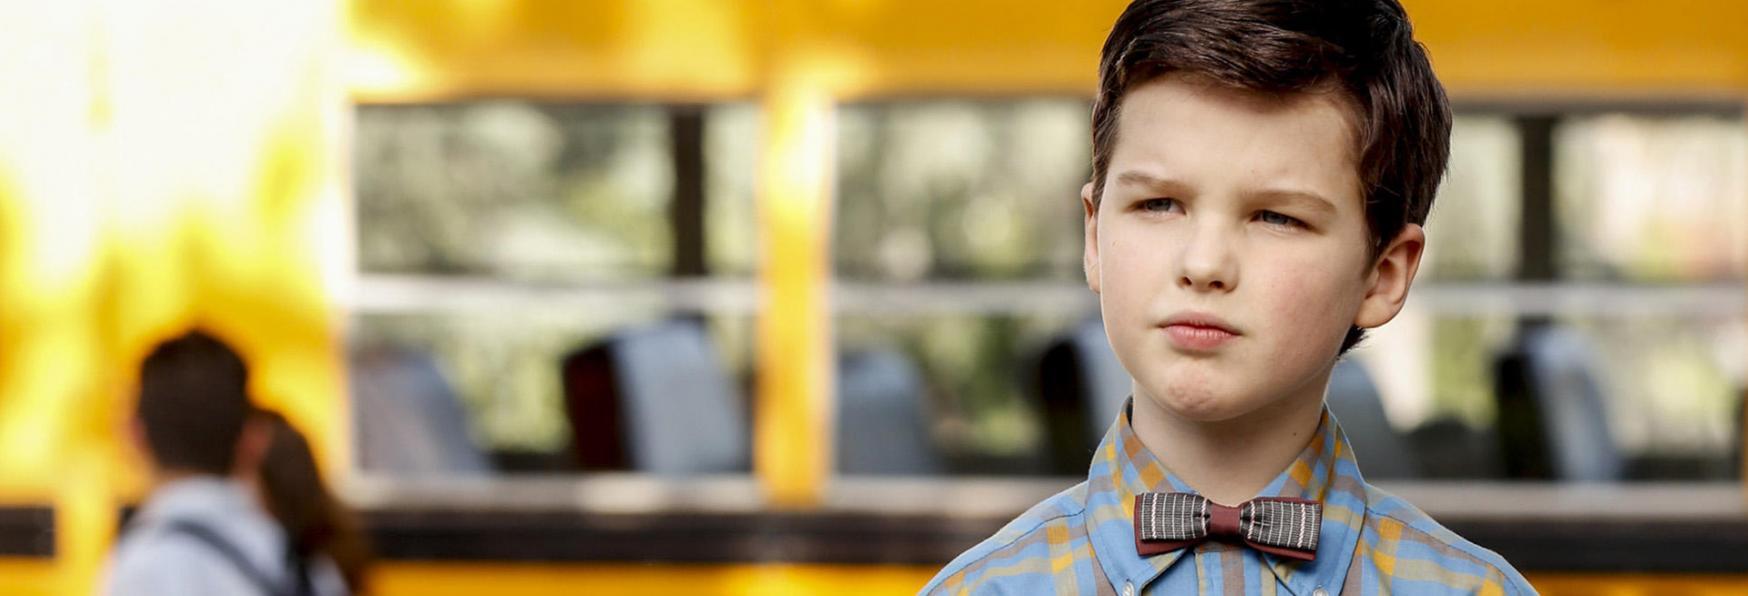 Young Sheldon: la Serie TV Spin-Off viene Rinnovata per altre 3 Stagioni